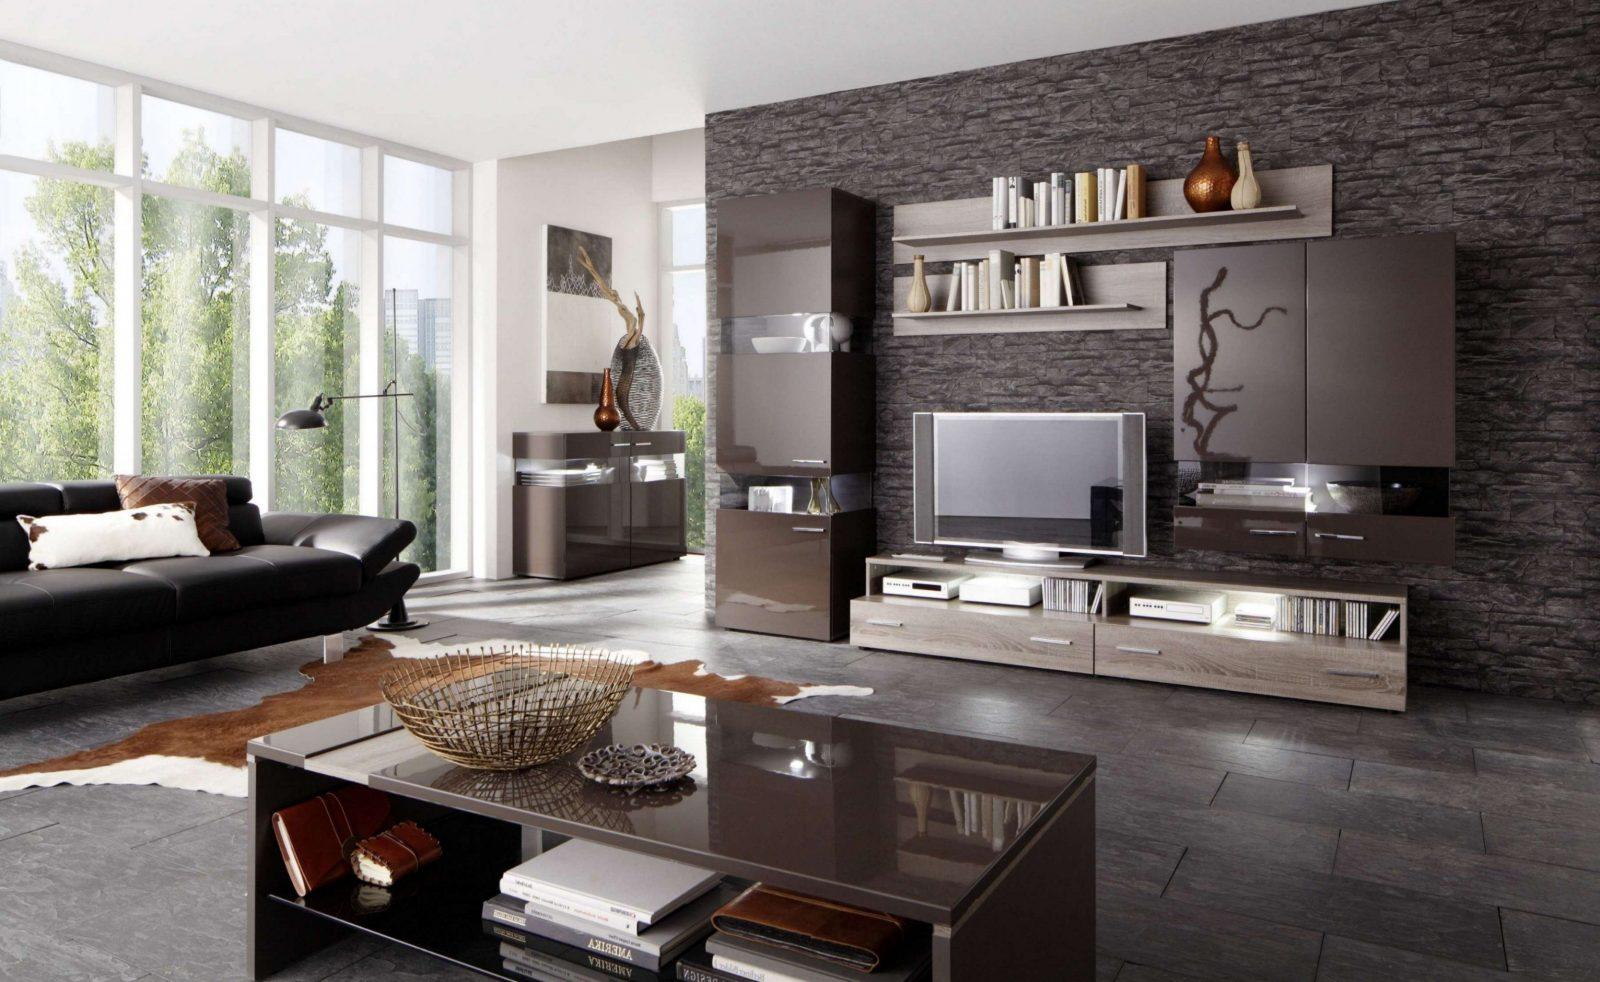 Wunderbar Wohnzimmer Einrichten Ideen Das Beste Von Comideen Odilkanavarro Club